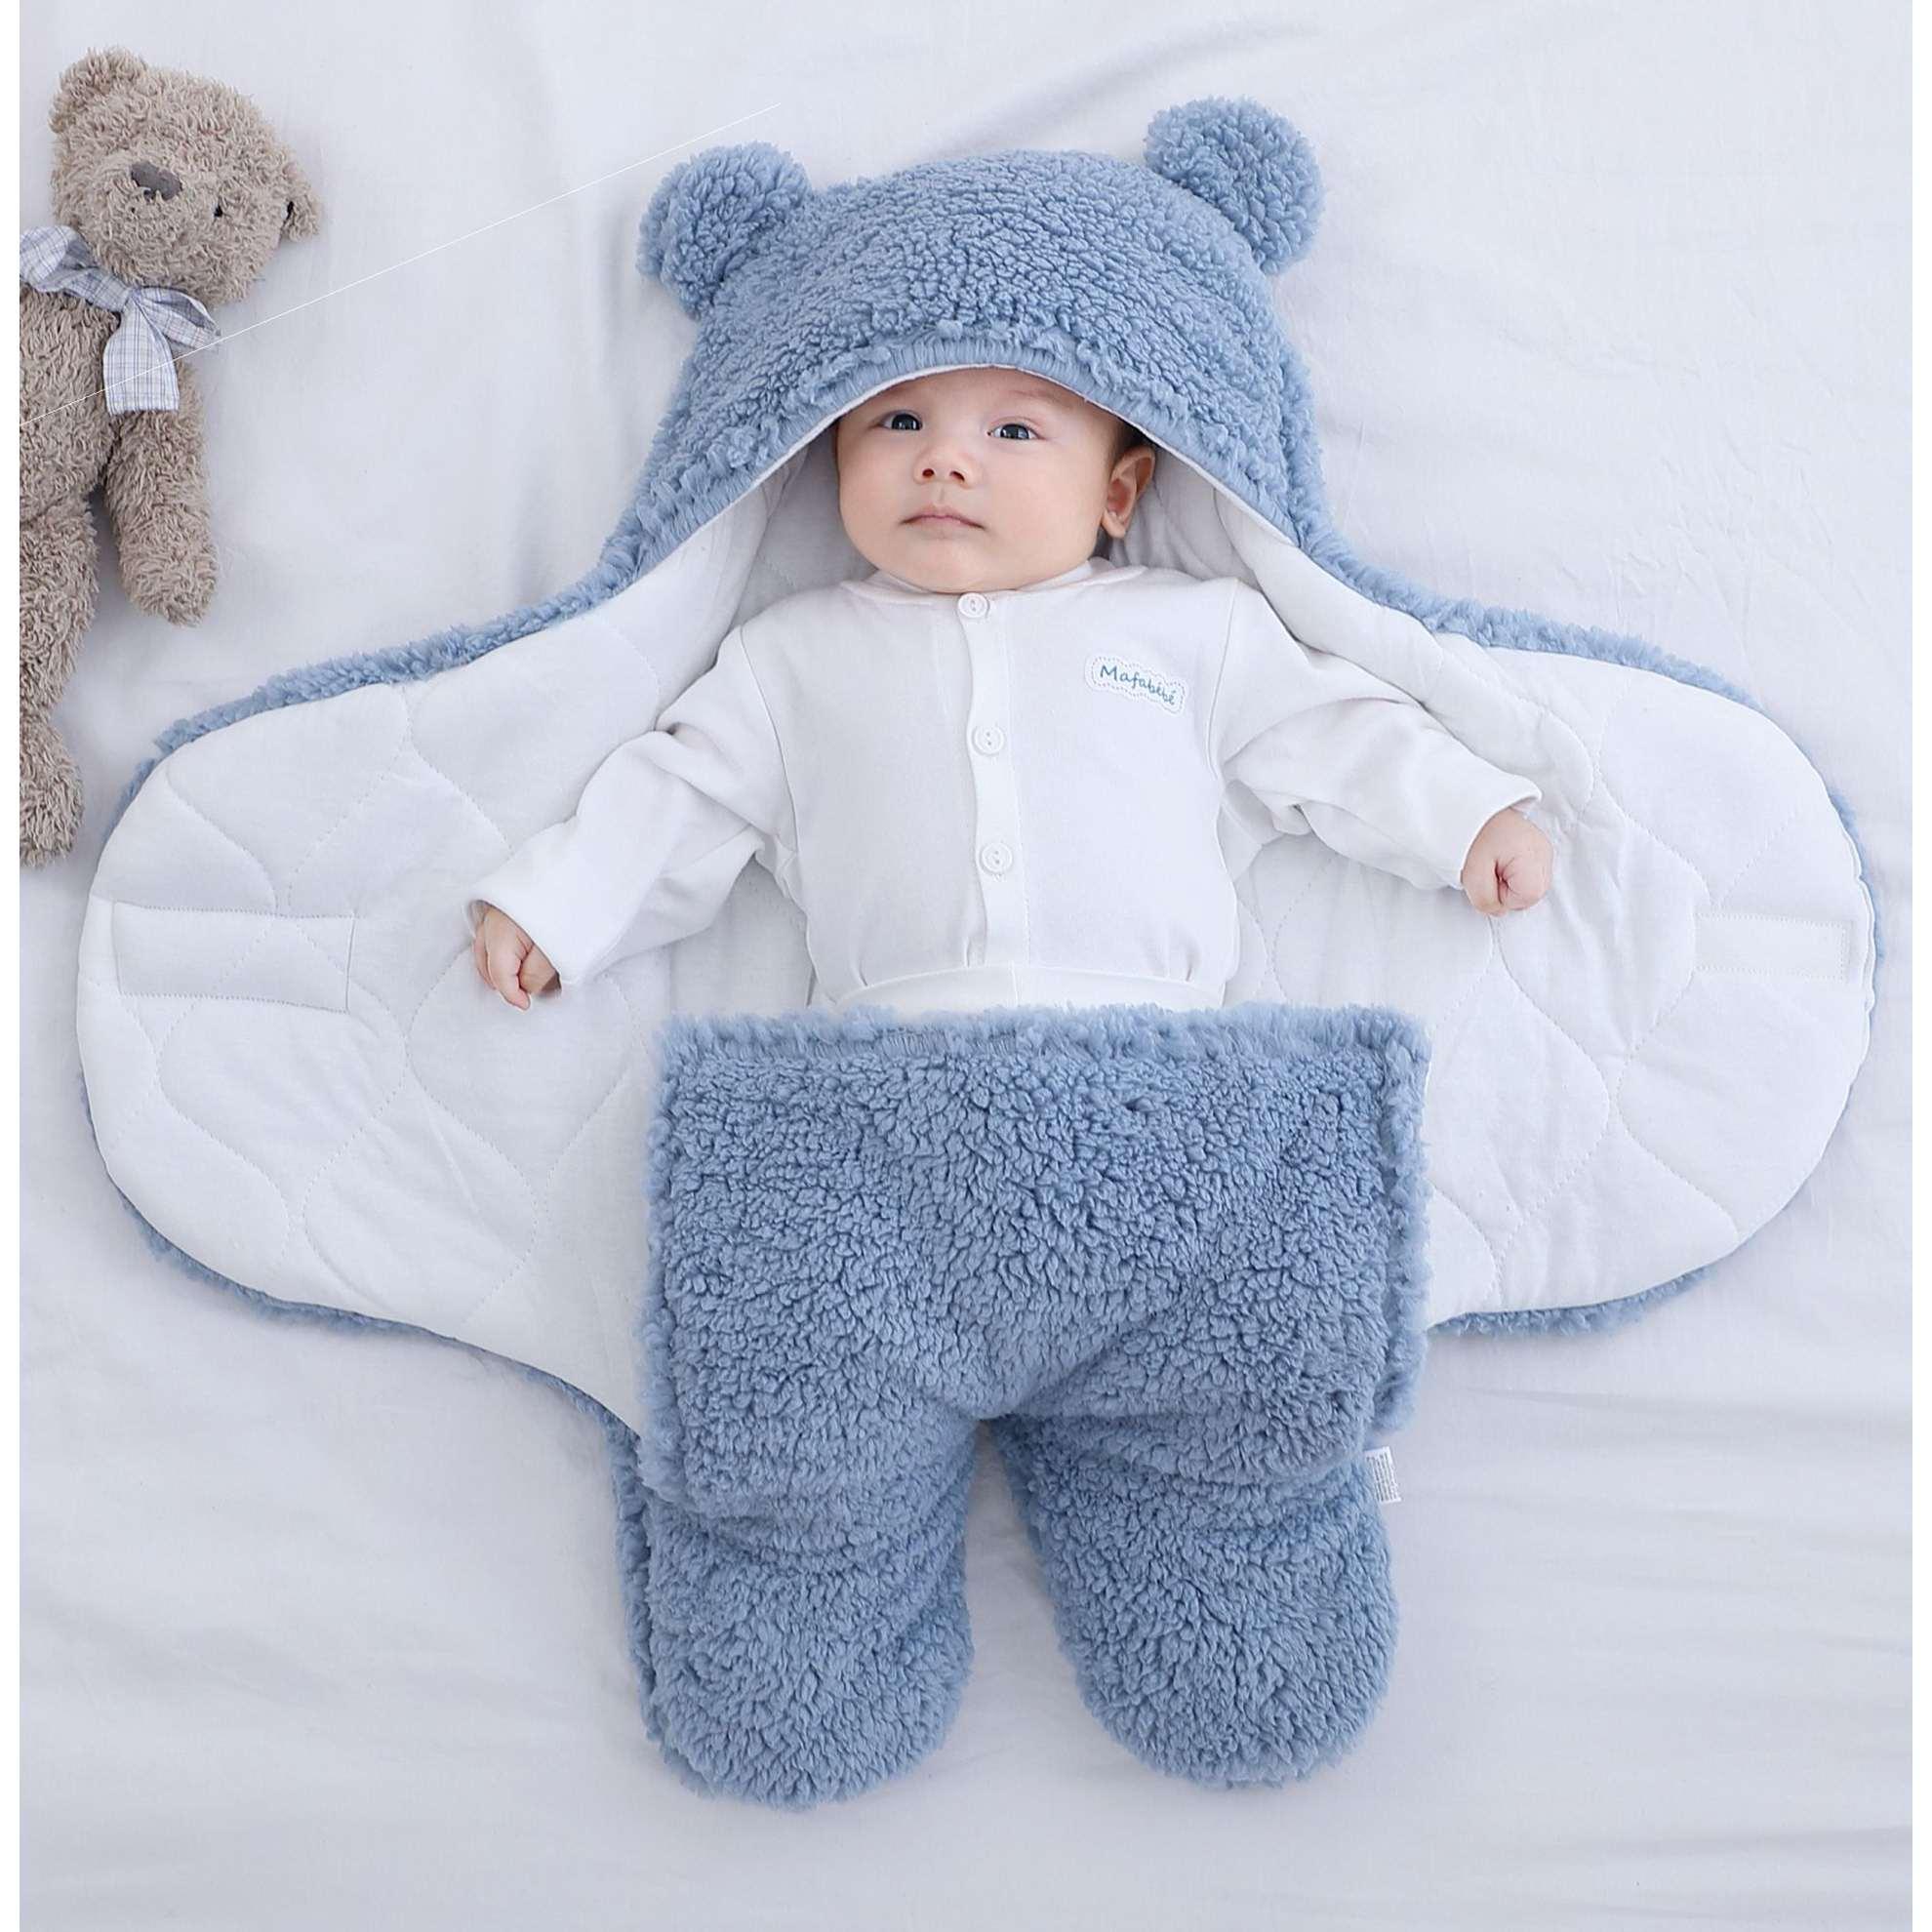 Одеяла детские / Полотенца с капюшоном / Детские пледы Артикул 639300026525